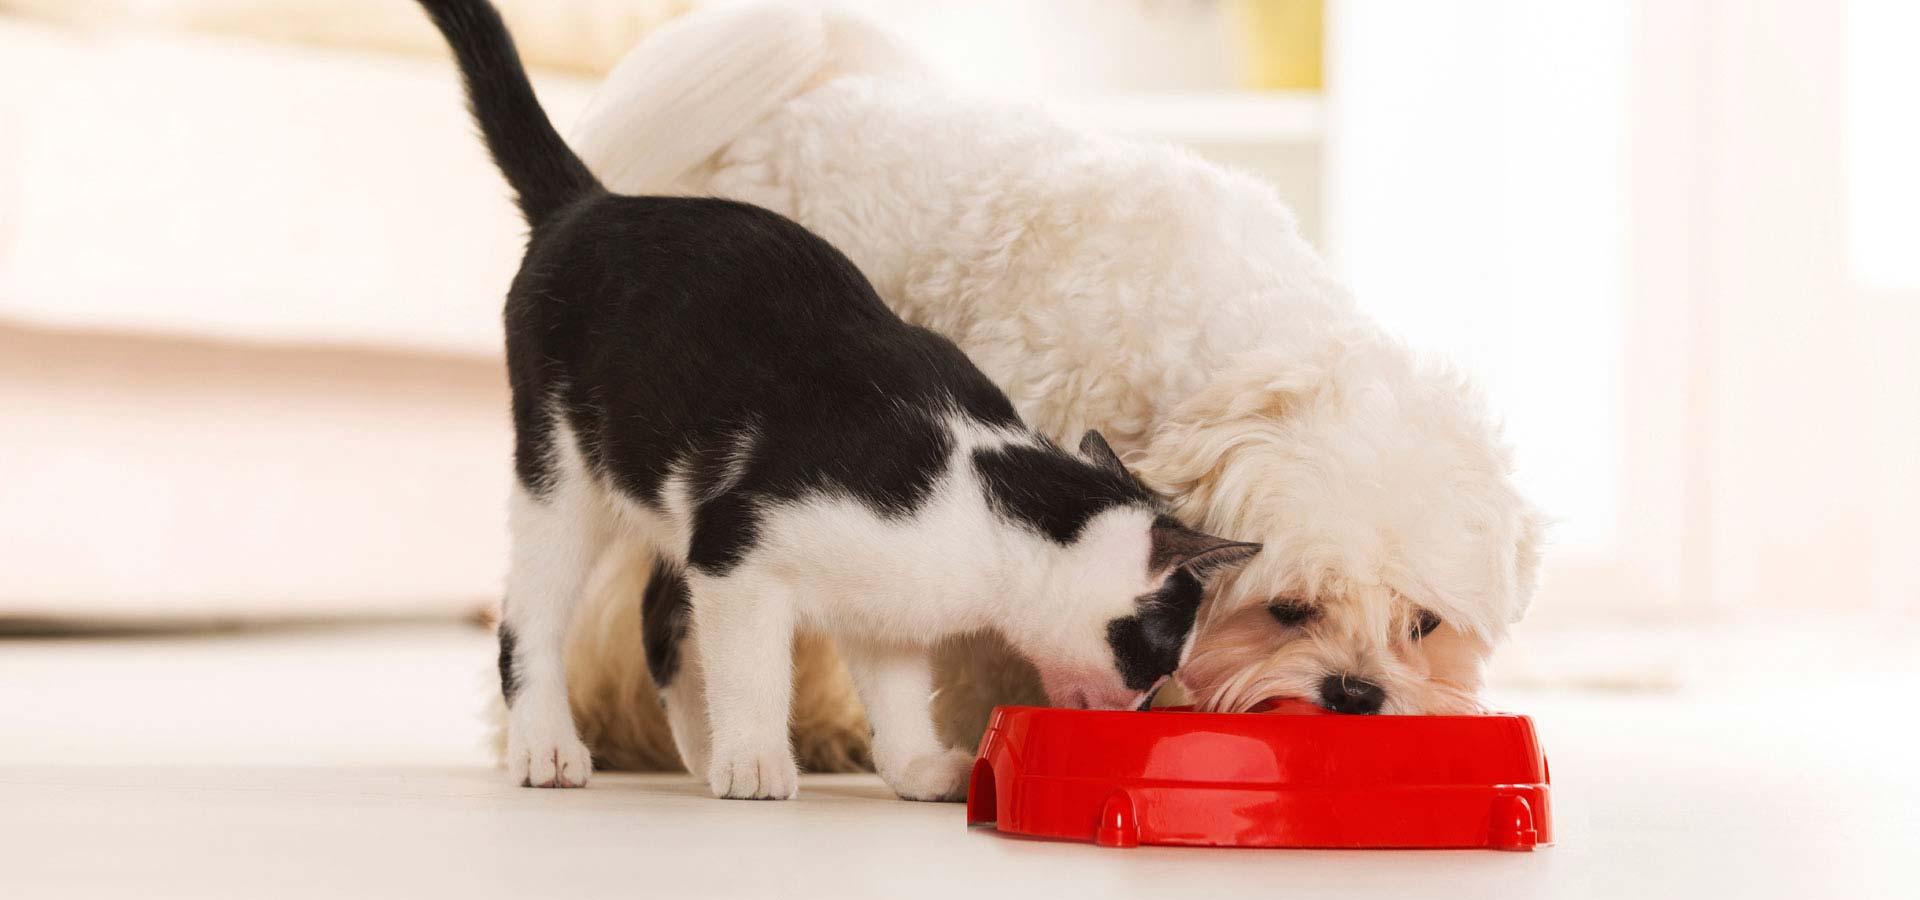 Alimentar a nuestras mascotas: ¿comida industrial o casera?